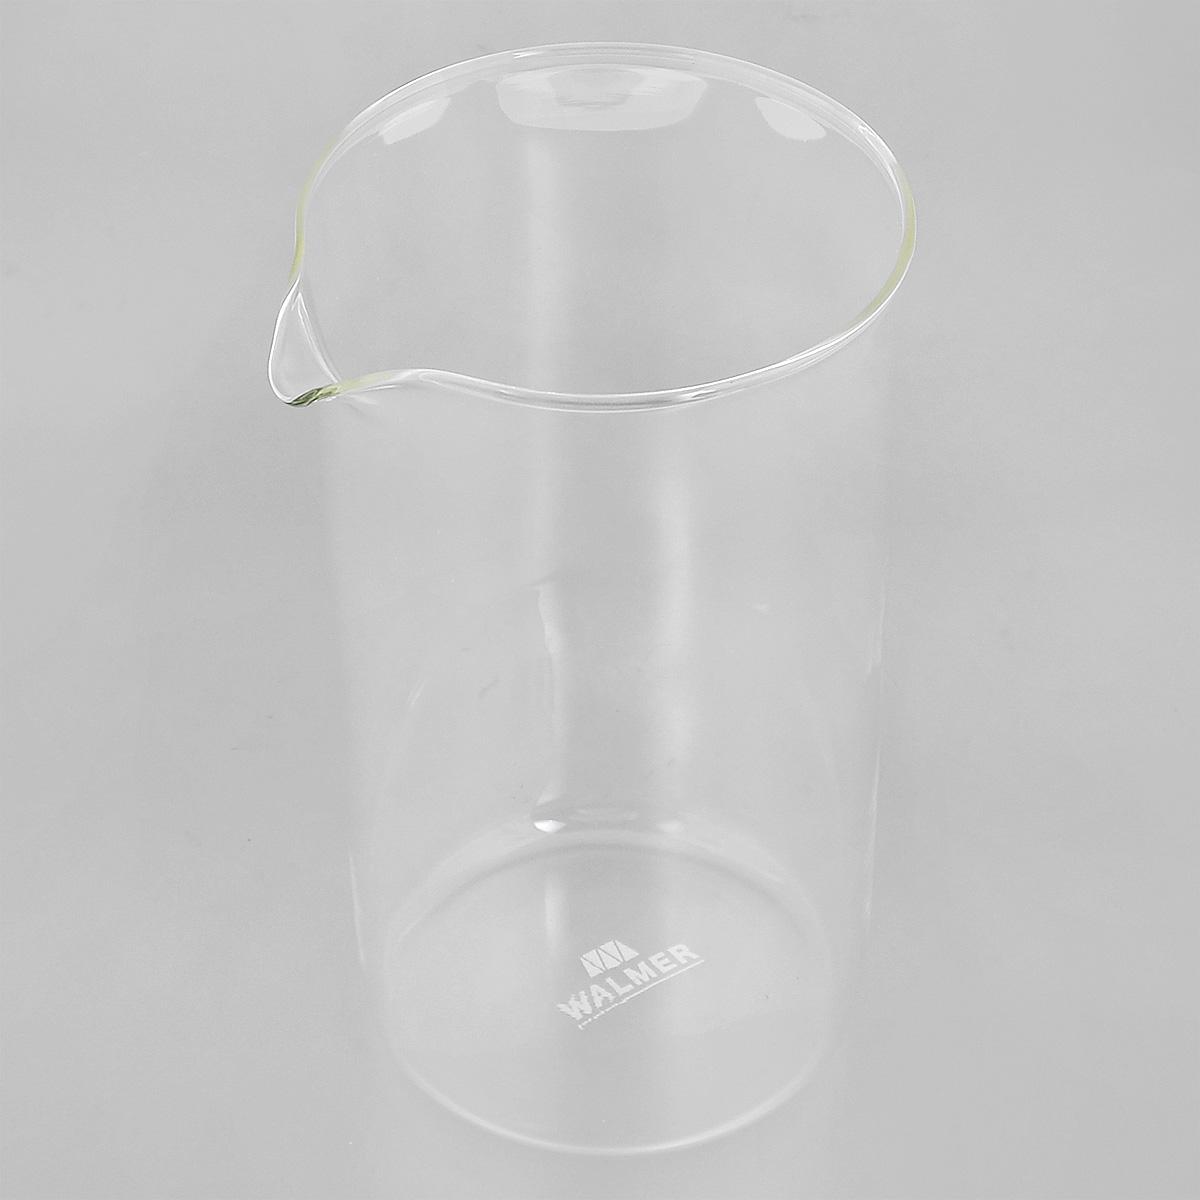 Колба для кофейников Walmer, 1 лW04001100Колба Walmer, изготовленная из высококачественного прозрачного стекла, предназначена для кофейников и френч-прессов. Изделие прекрасно подойдет для замены старой разбитой колбы. Это сосуд, который напрямую контактирует с напитком, поэтому он должен быть выполнен из качественных материалов. Изделие выдерживает высокие температуры и не мутнеет при многократном мытье. Данная колба прослужит вам надежно и долго.Можно мыть в посудомоечной машине.Диаметр: 10 см.Высота: 18 см.Объем: 1 л.